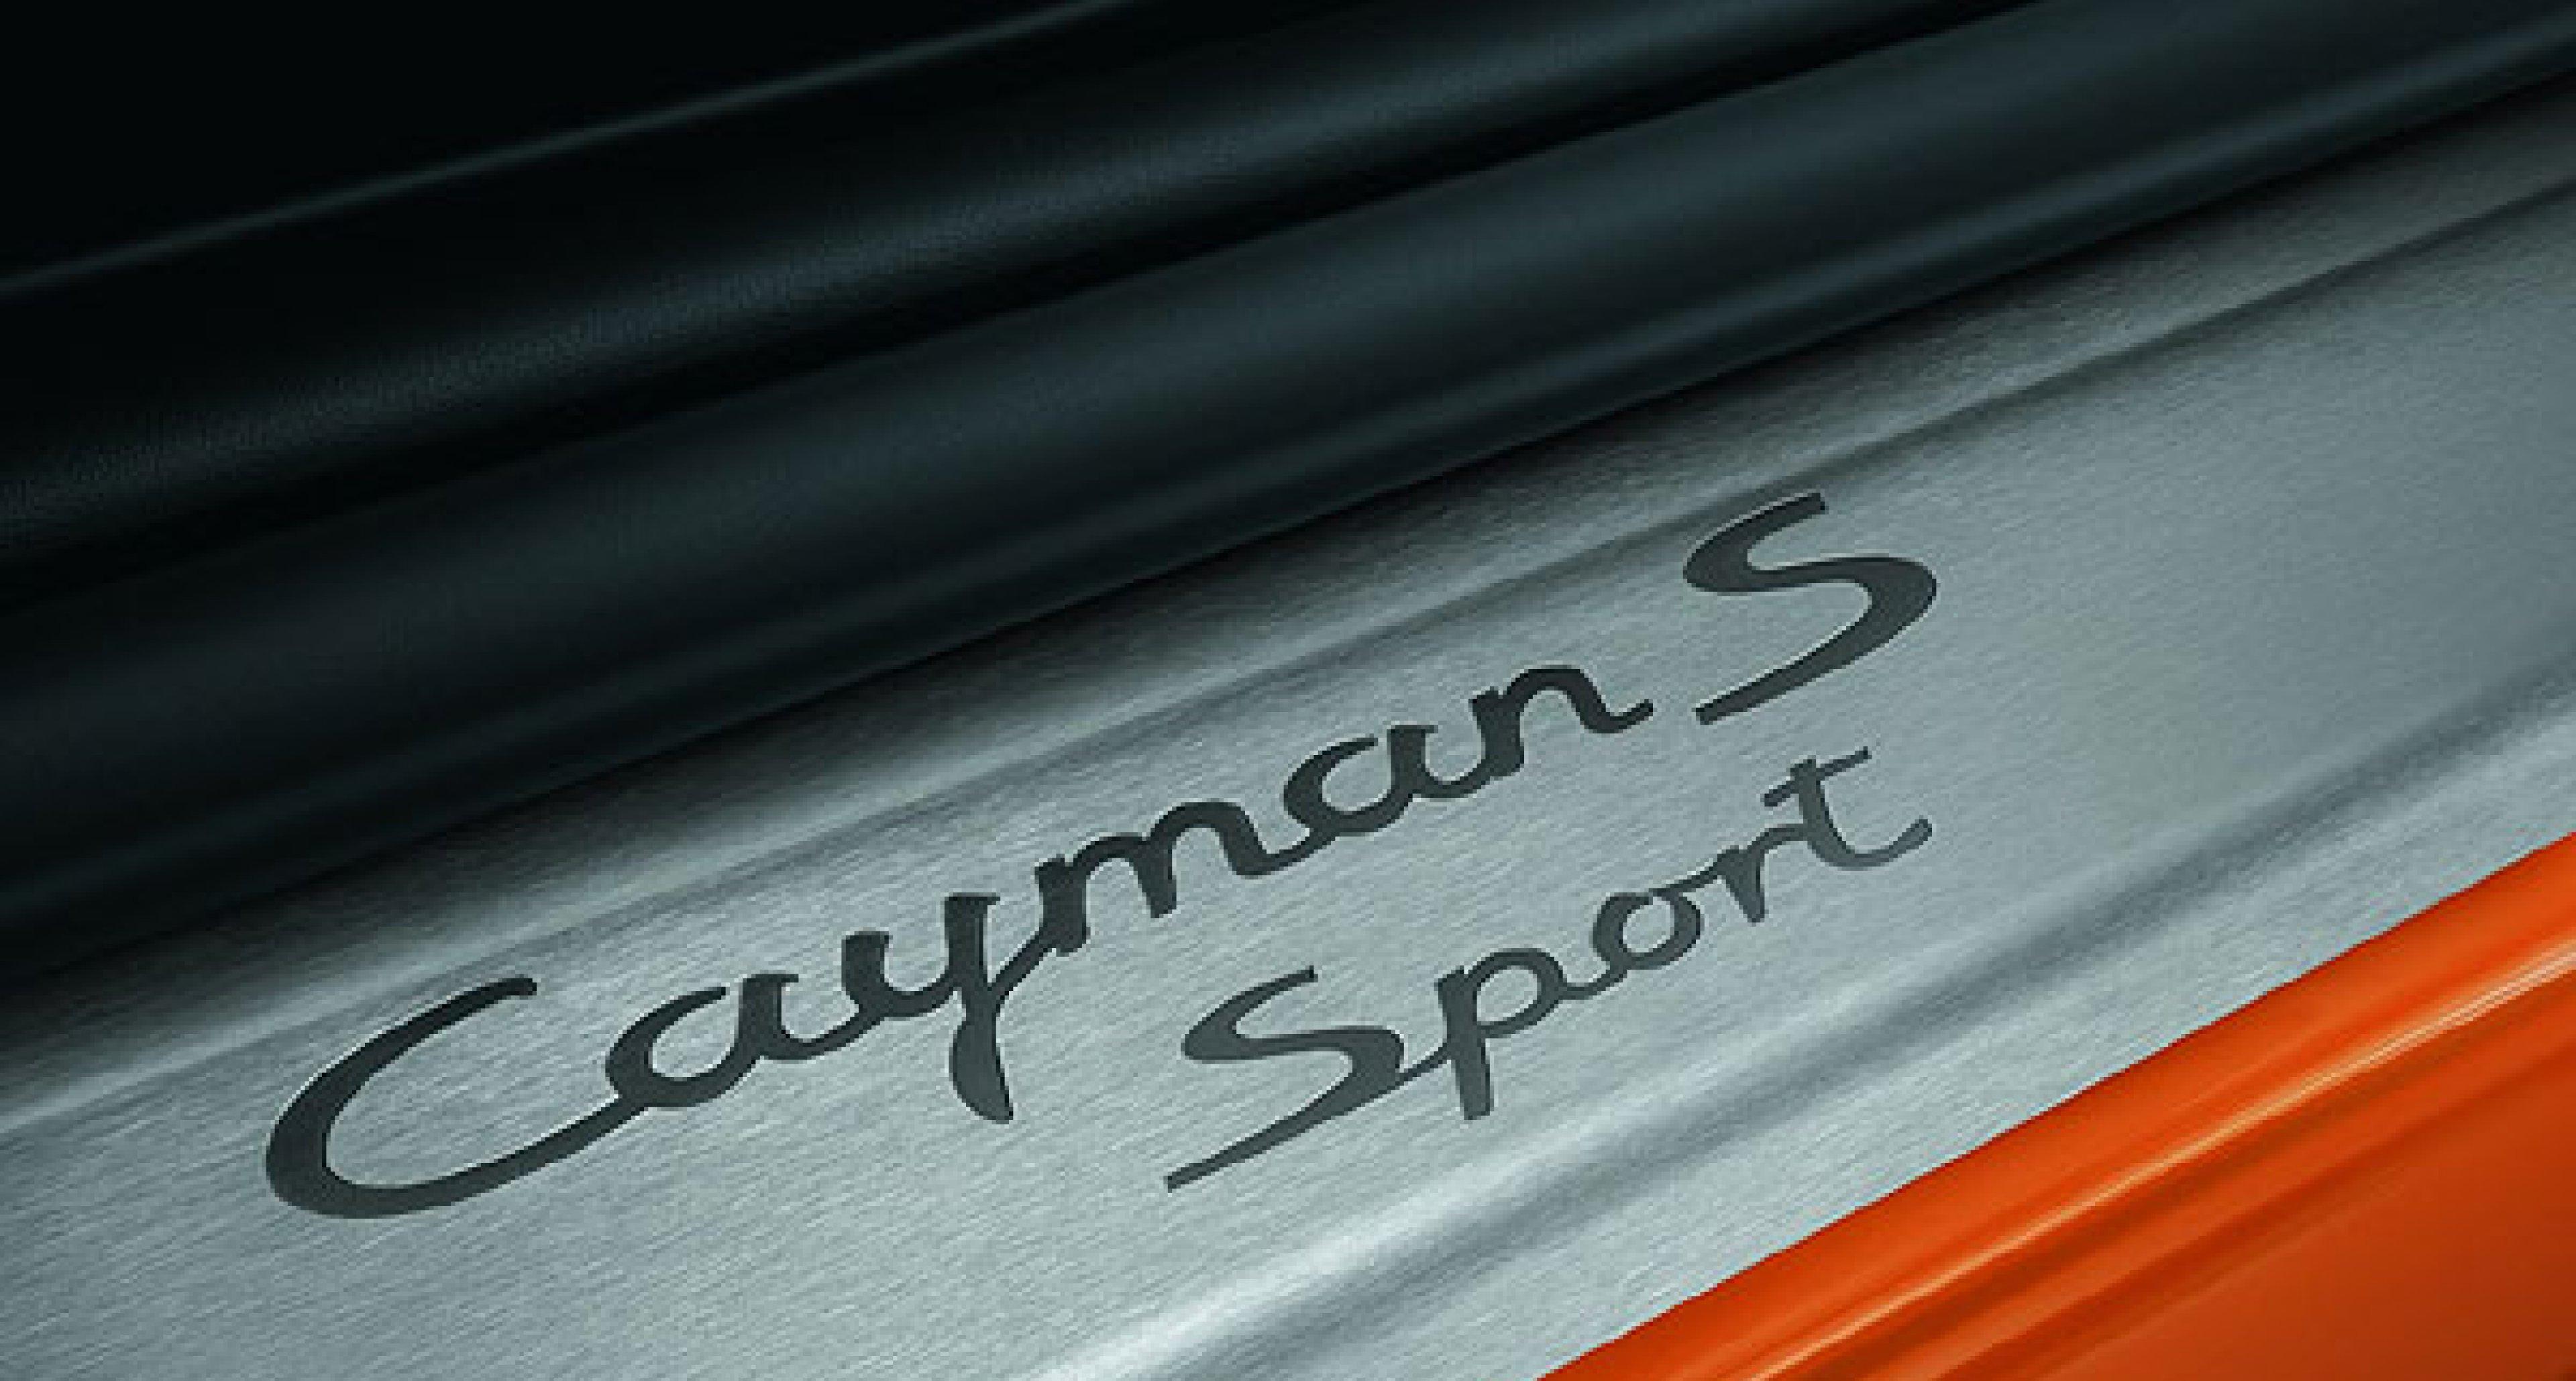 New Porsche Cayman Breaks 300bhp Barrier